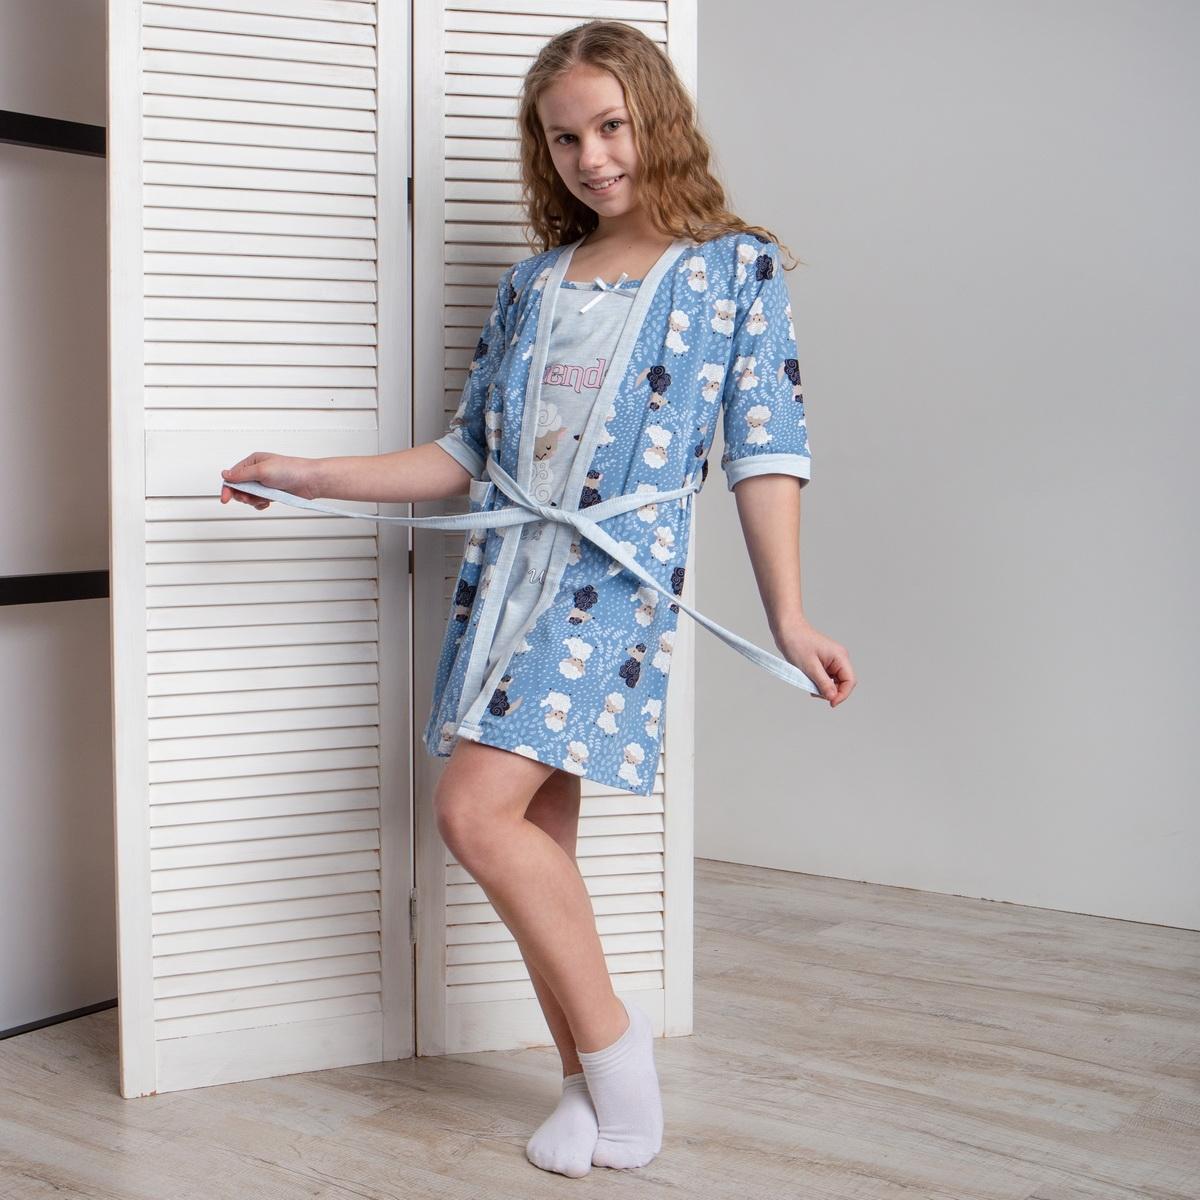 Комплект девичий сорочка и халатик с барашками